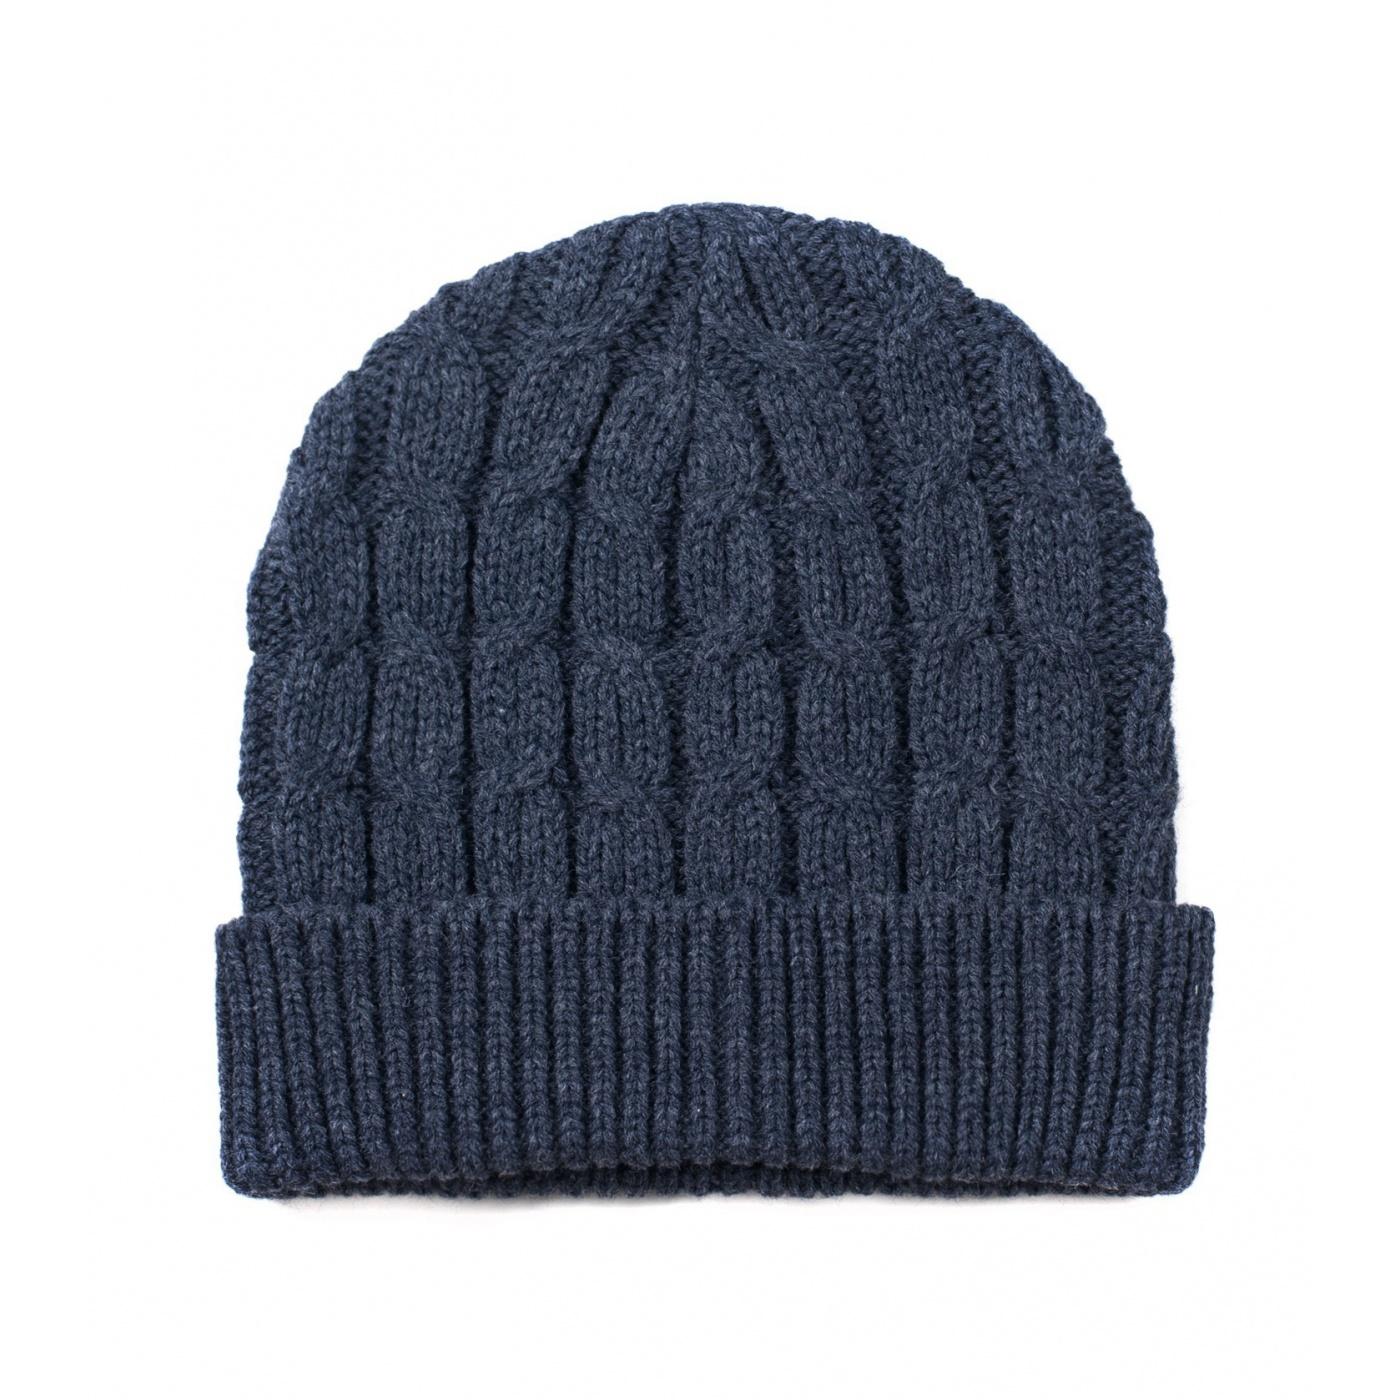 Męska czapka zimowa z wywinięciem – granatowa melanż